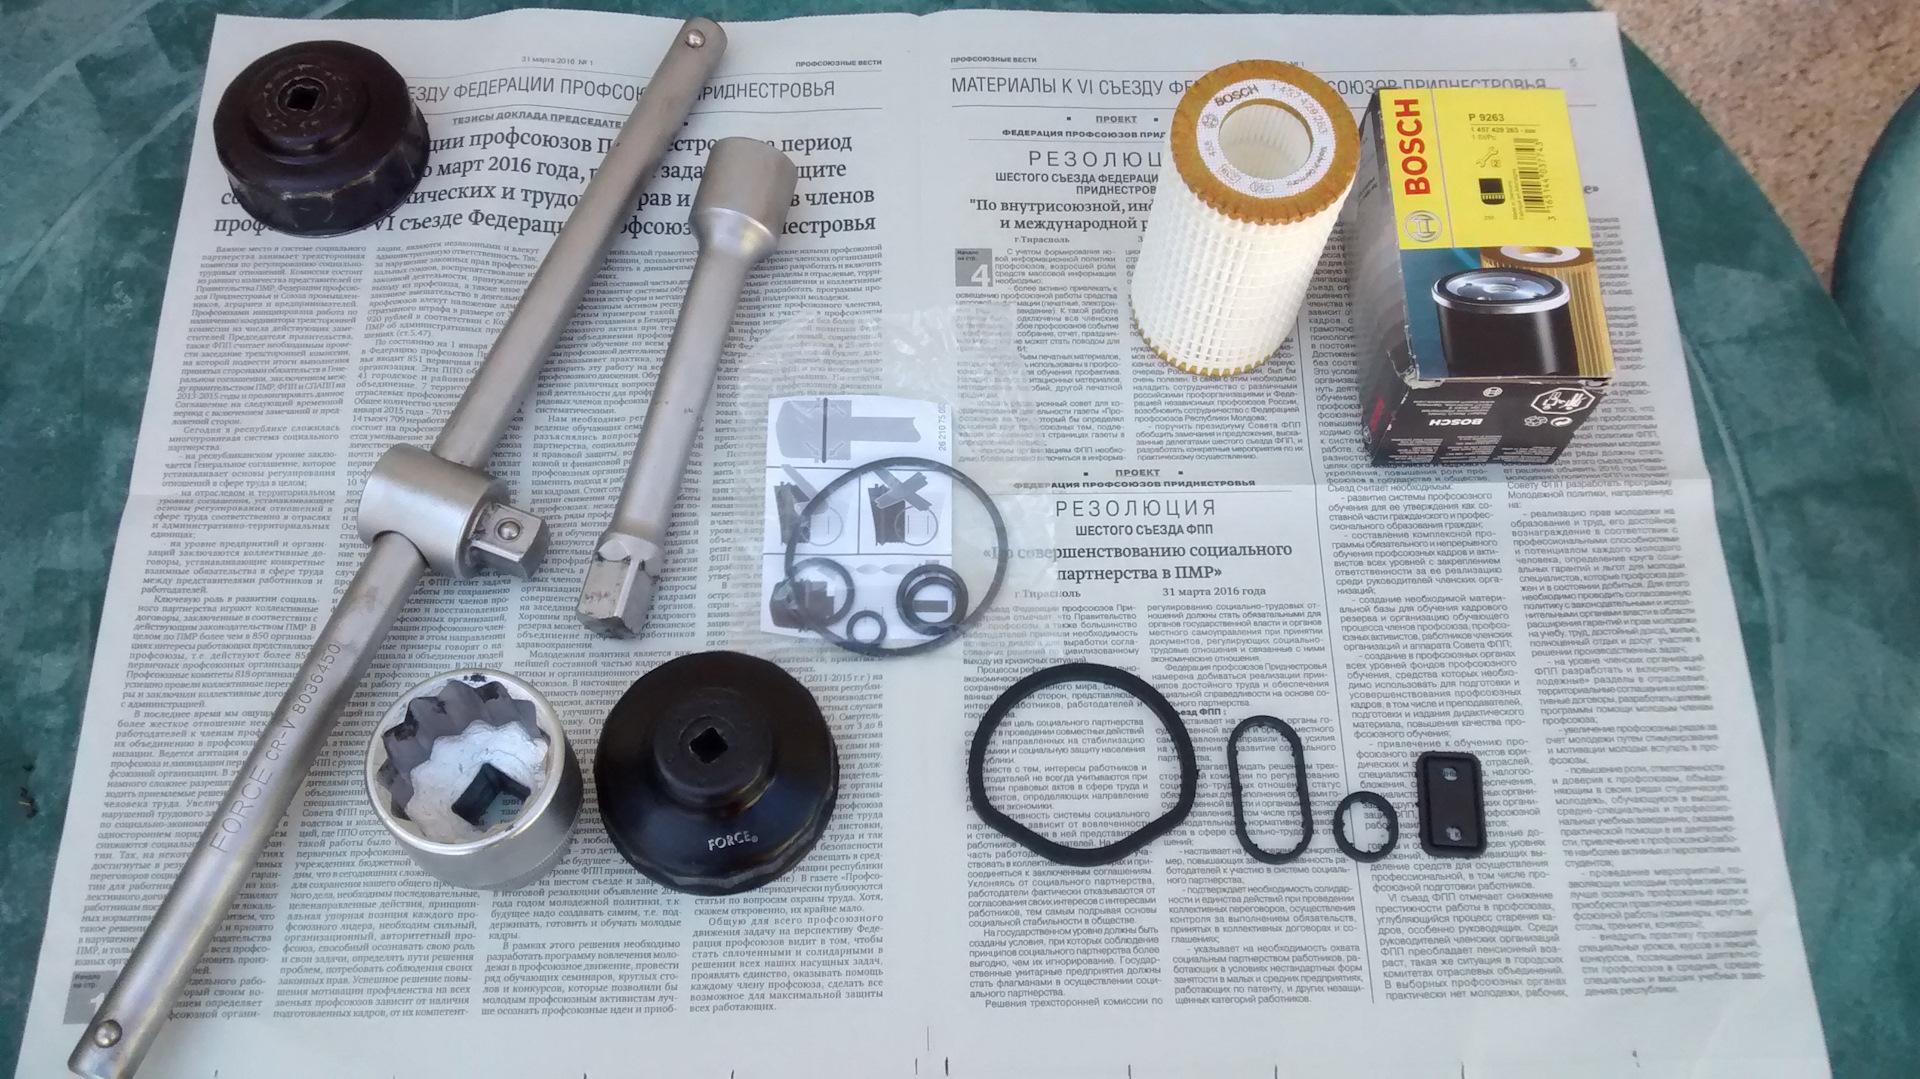 Замена прокладок теплообменника m112 Пластины теплообменника ТИЖ 0,35 Кызыл